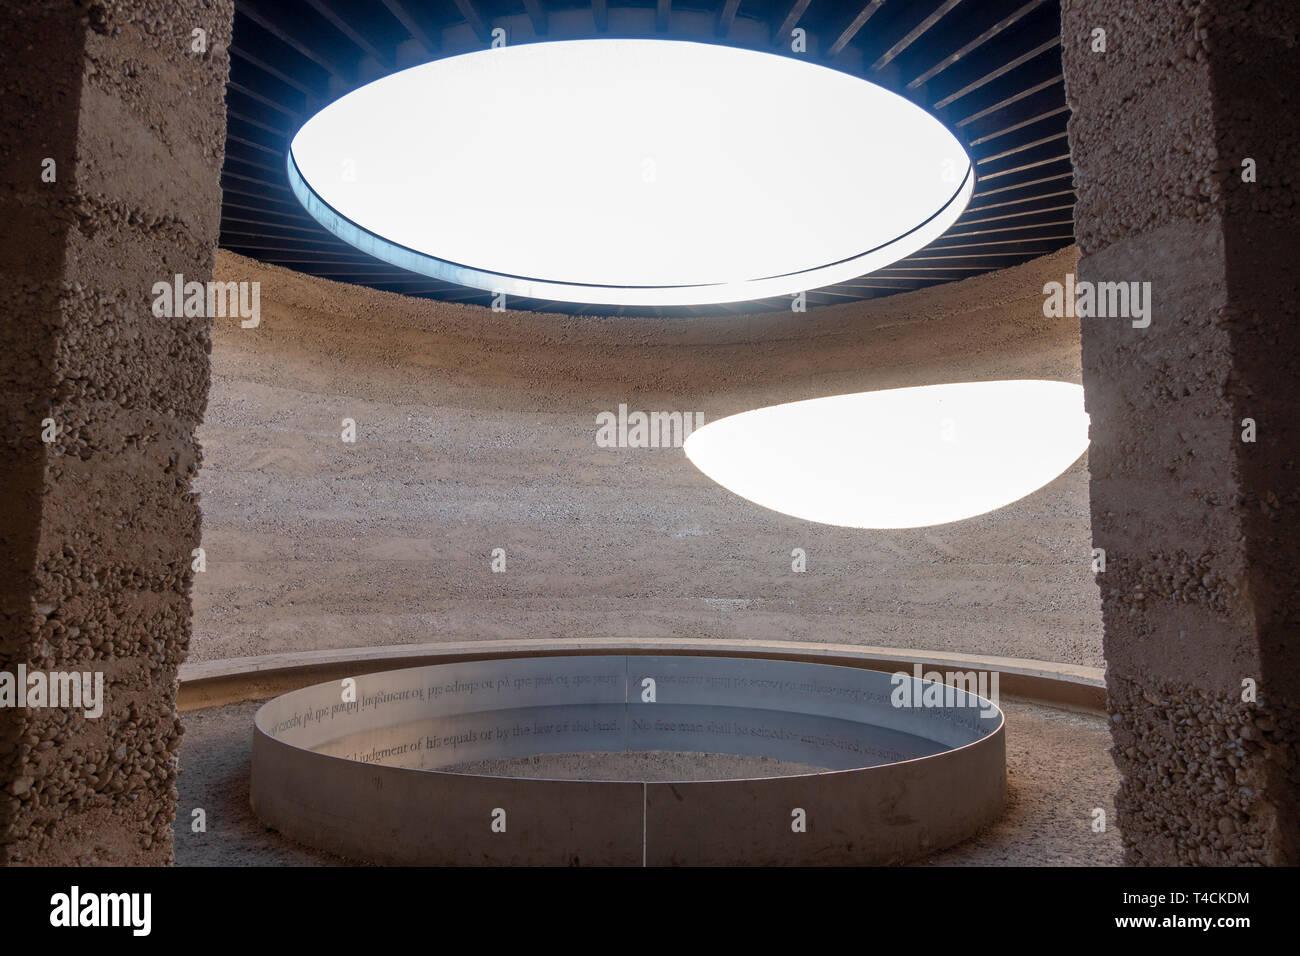 """Piscina reflectante interior dentro del """"escrito en el agua"""", una obra arquitectónica por Mark Wallinger en Runnymede, Surrey, Reino Unido. Foto de stock"""